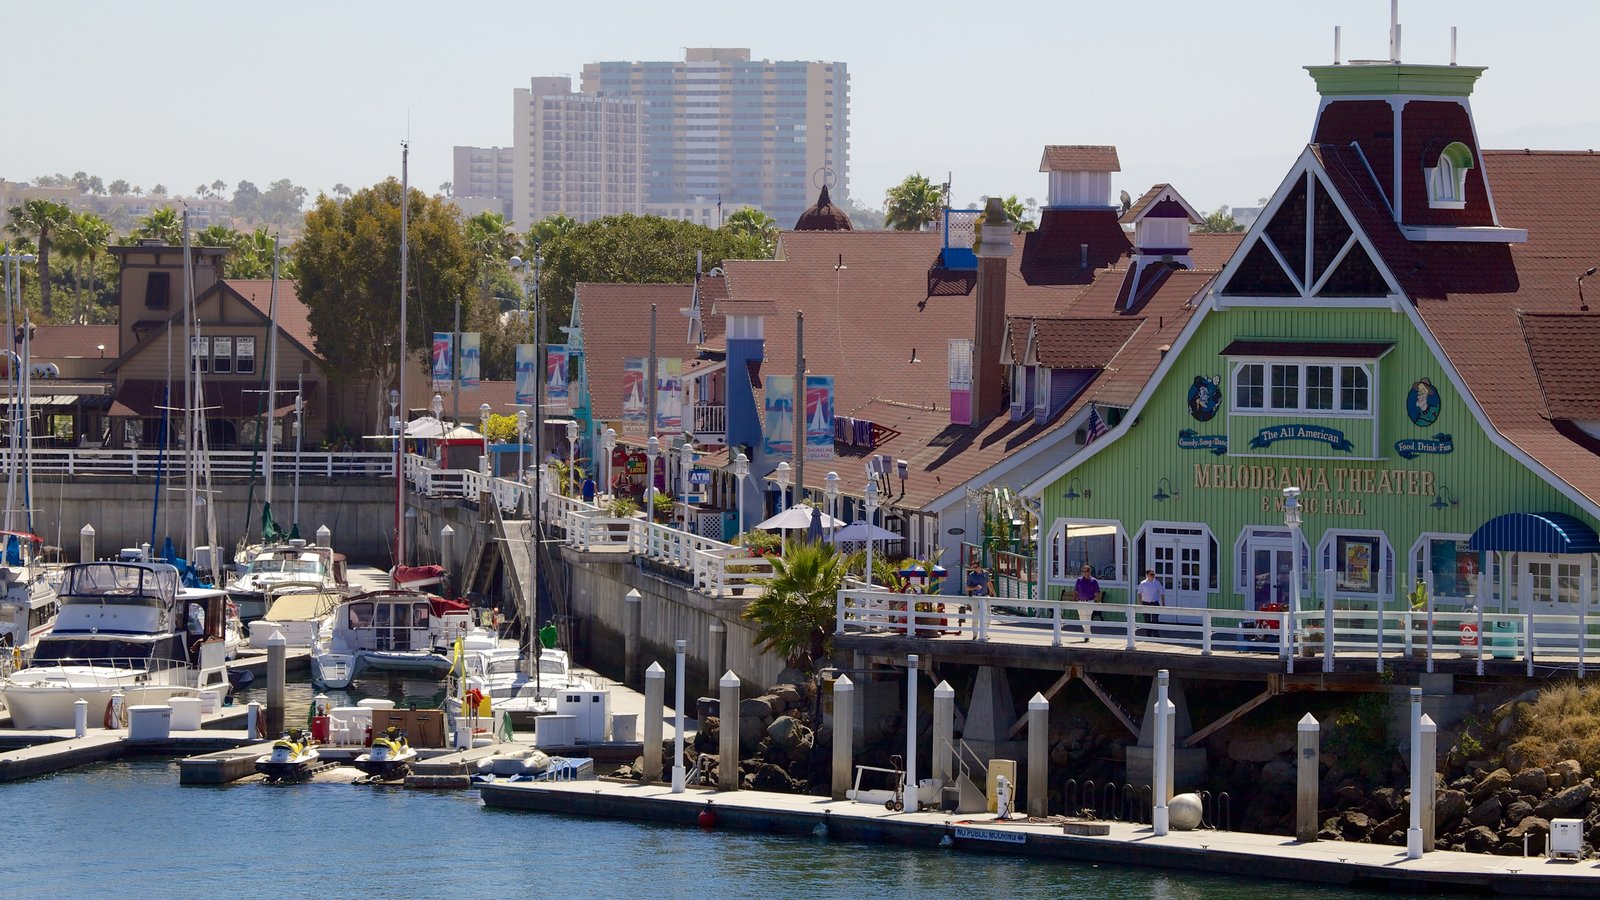 Long Beach caracterizando paisagens litorâneas, uma cidade litorânea e uma baía ou porto